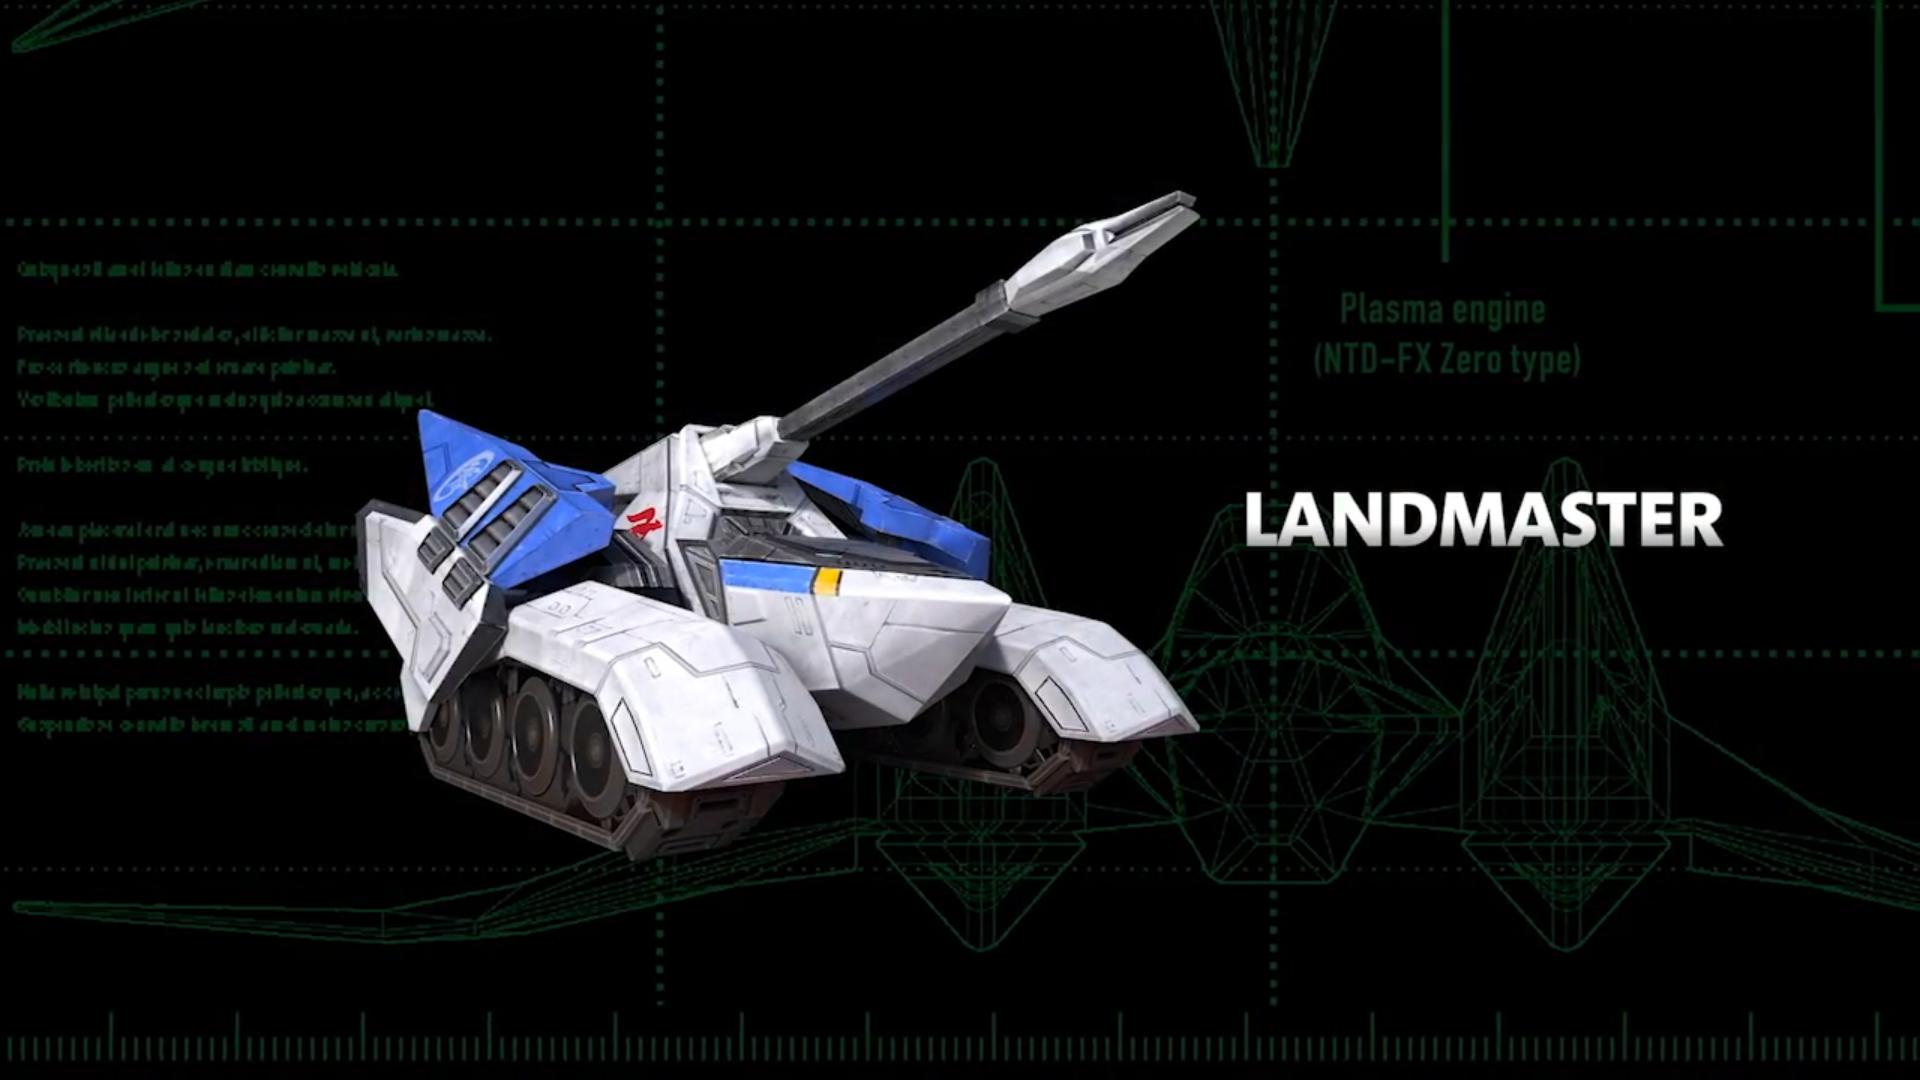 13 - Vehicle Landmaster.png